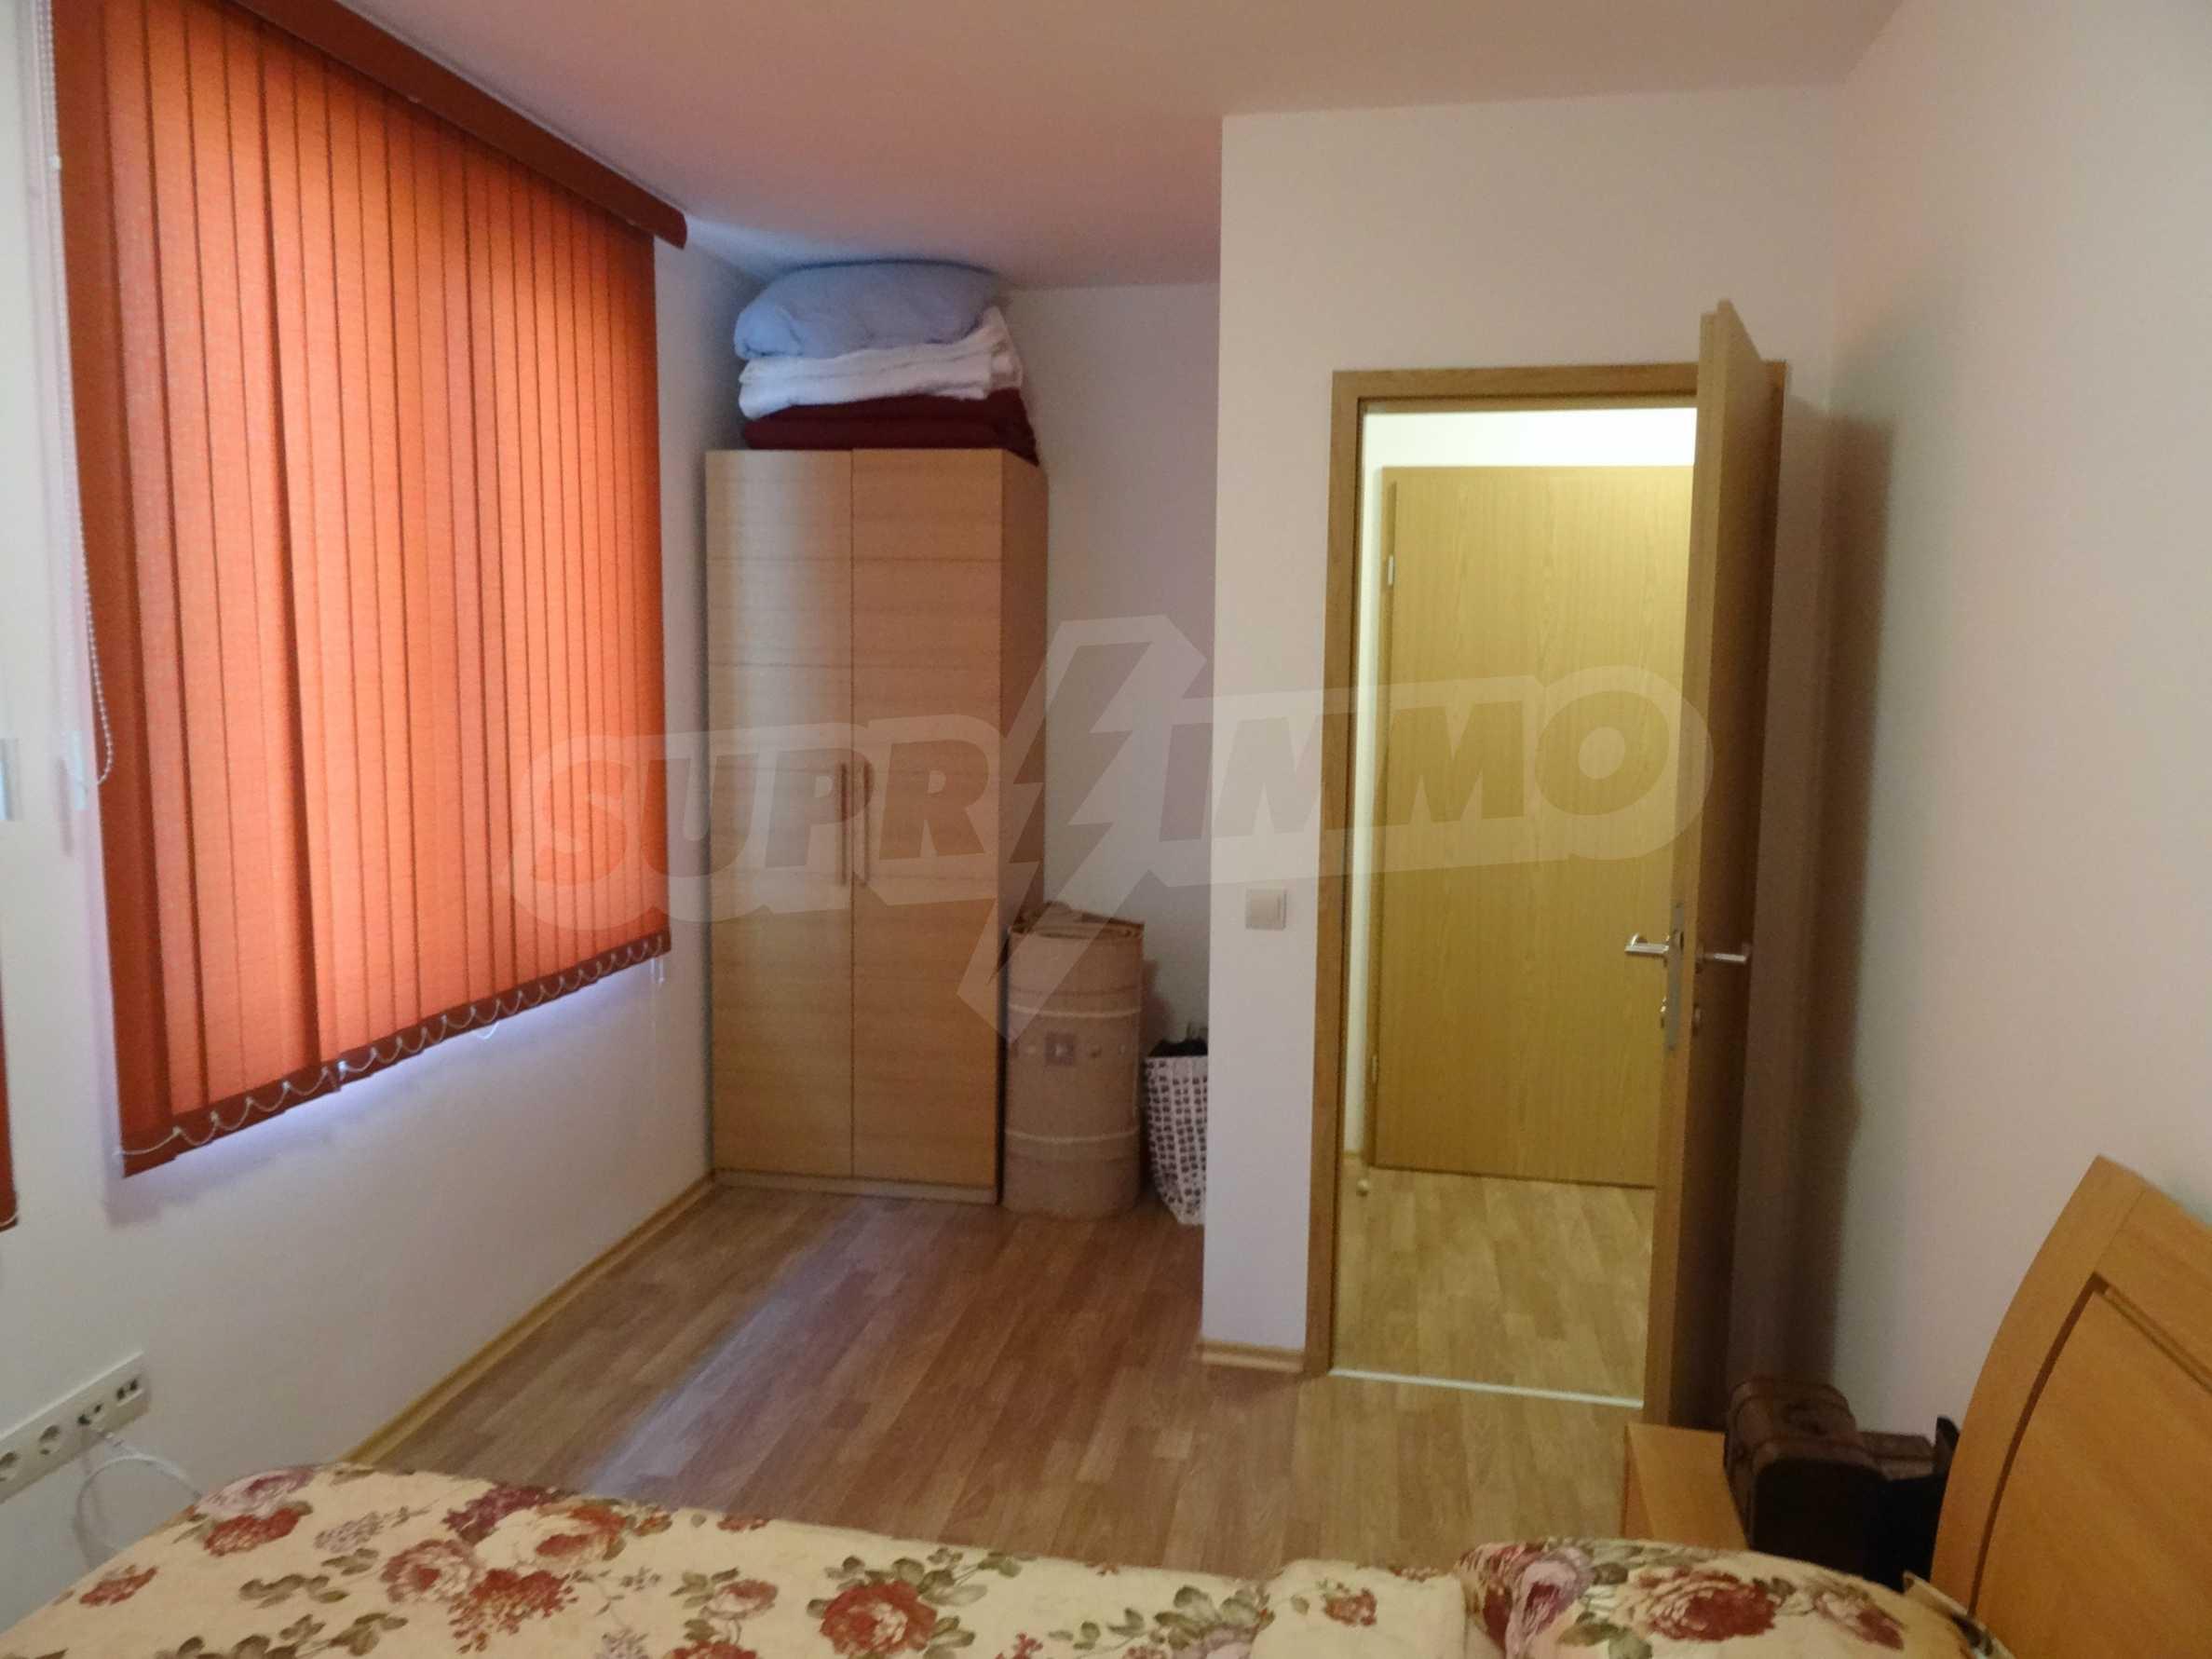 Чудесен апартамент за продажба във затворен комплекс 11